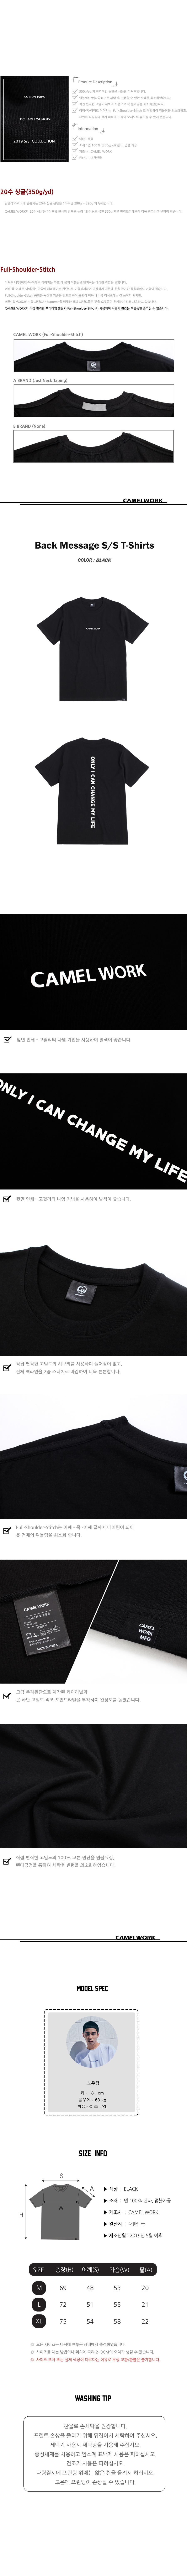 카멜워크(CAMEL WORK) Back Message S/S T-Shirts(Black)